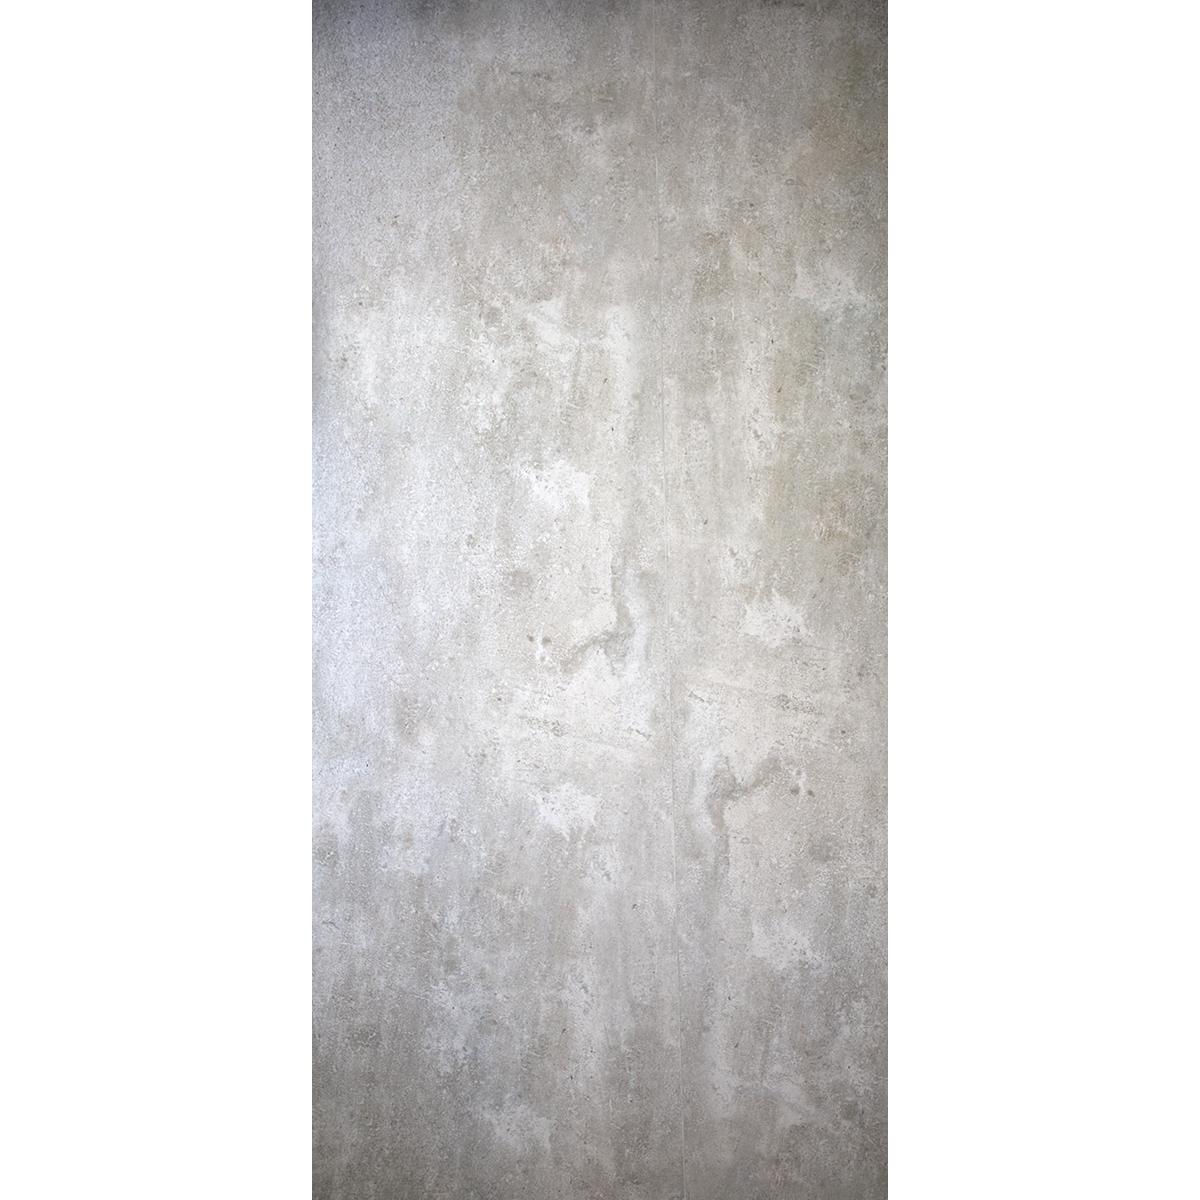 XXL Zement, matt, 1800x900x5,5 mm